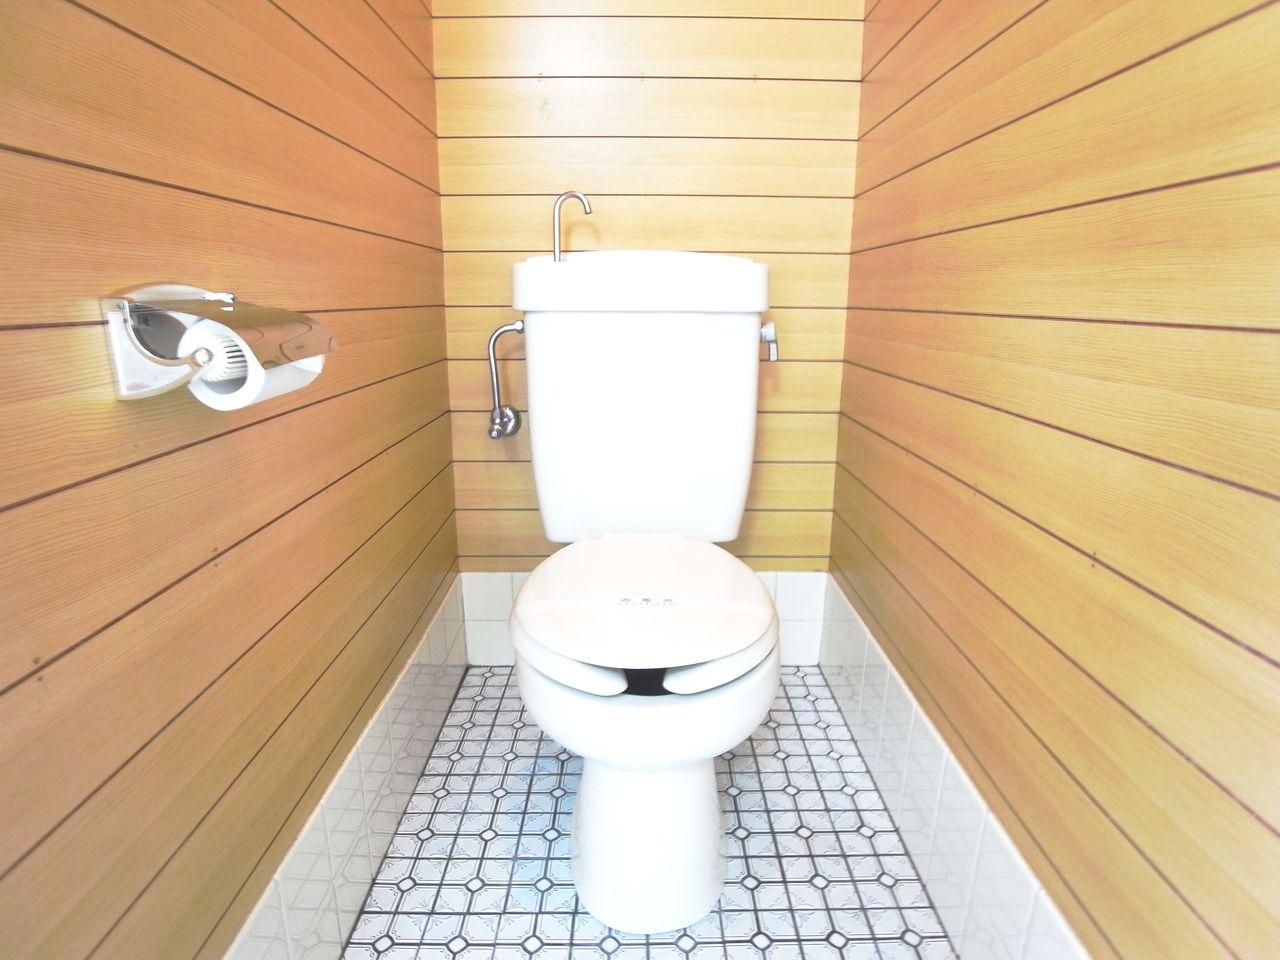 レトロな柄タイル仕様のトイレ